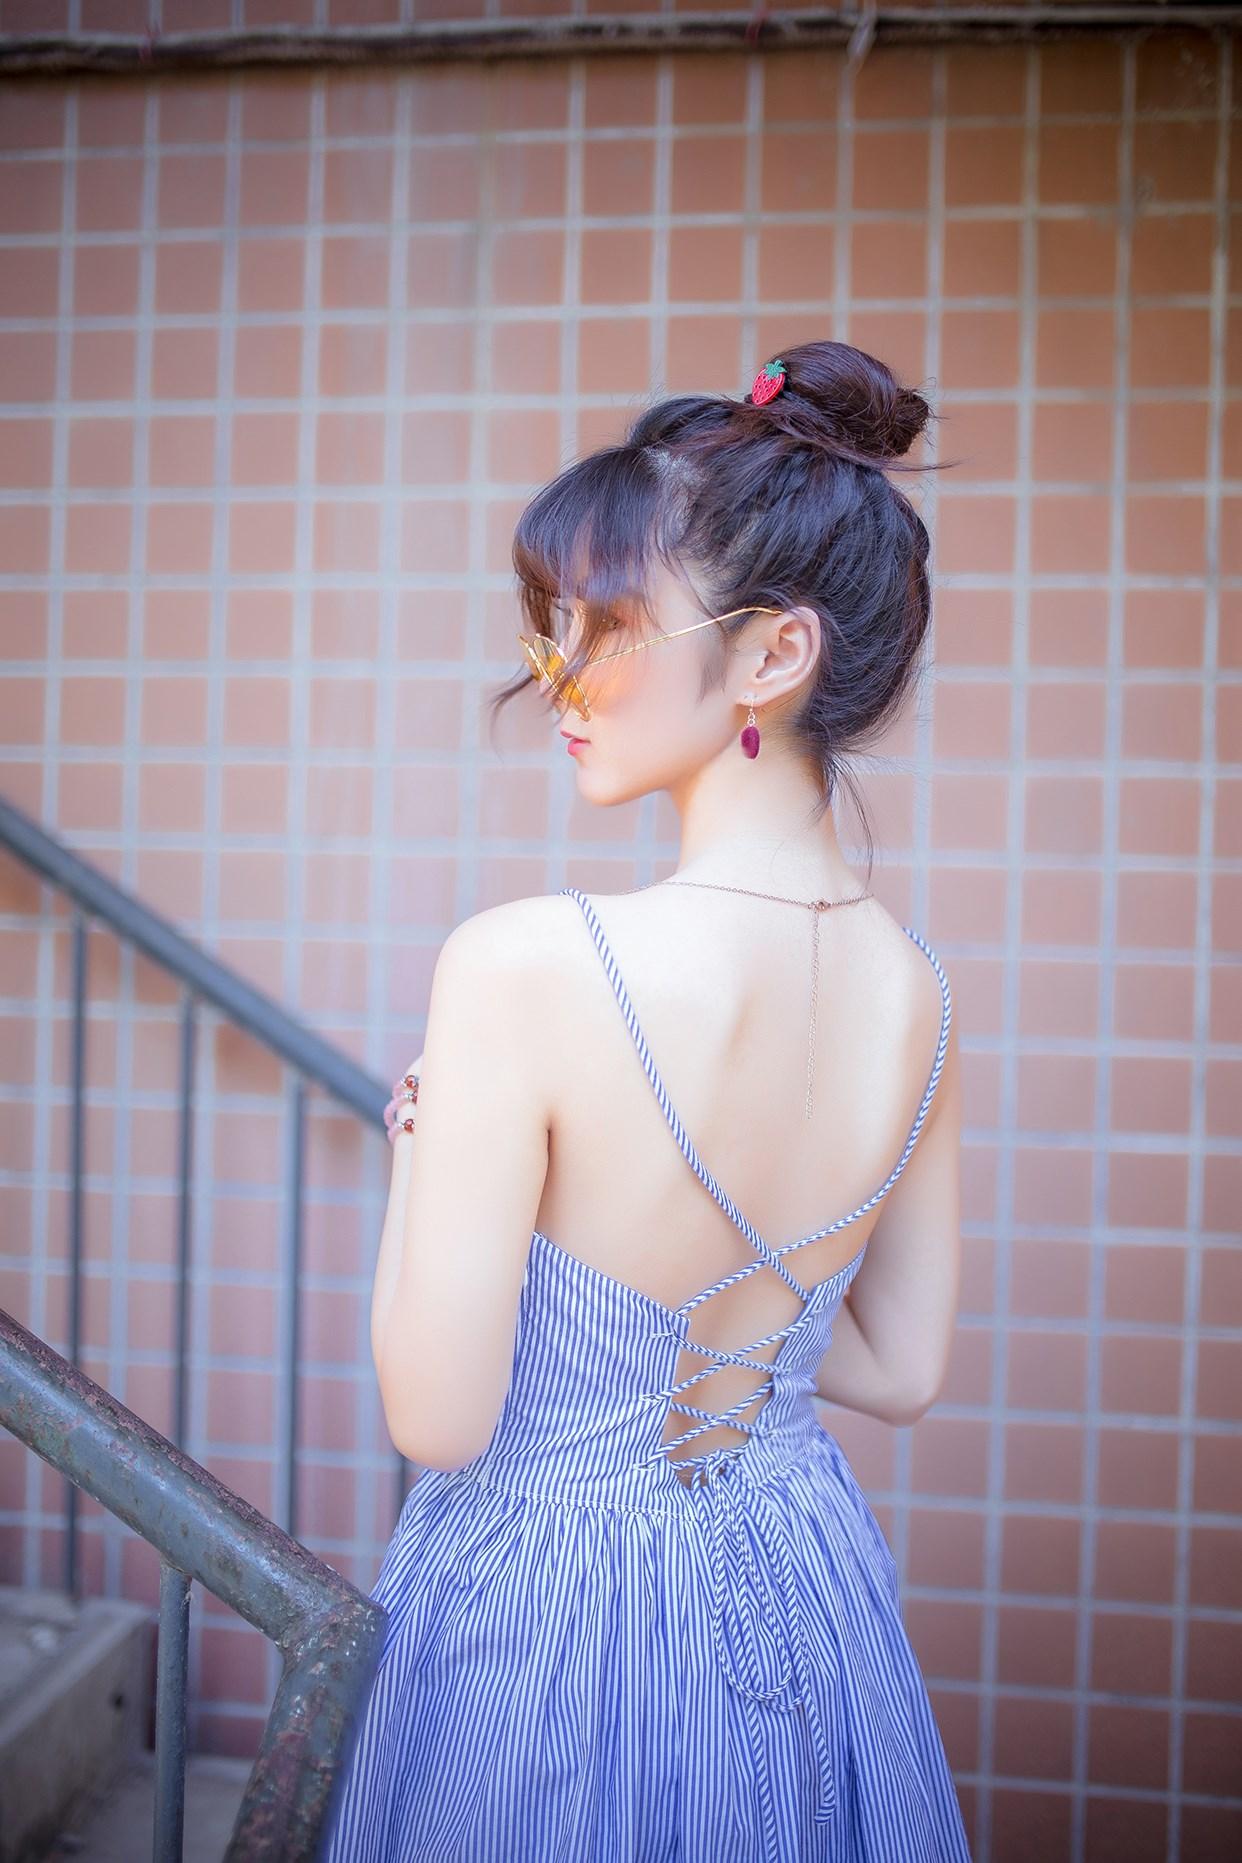 【兔玩映画】吊带裙小姐姐 兔玩映画 第33张